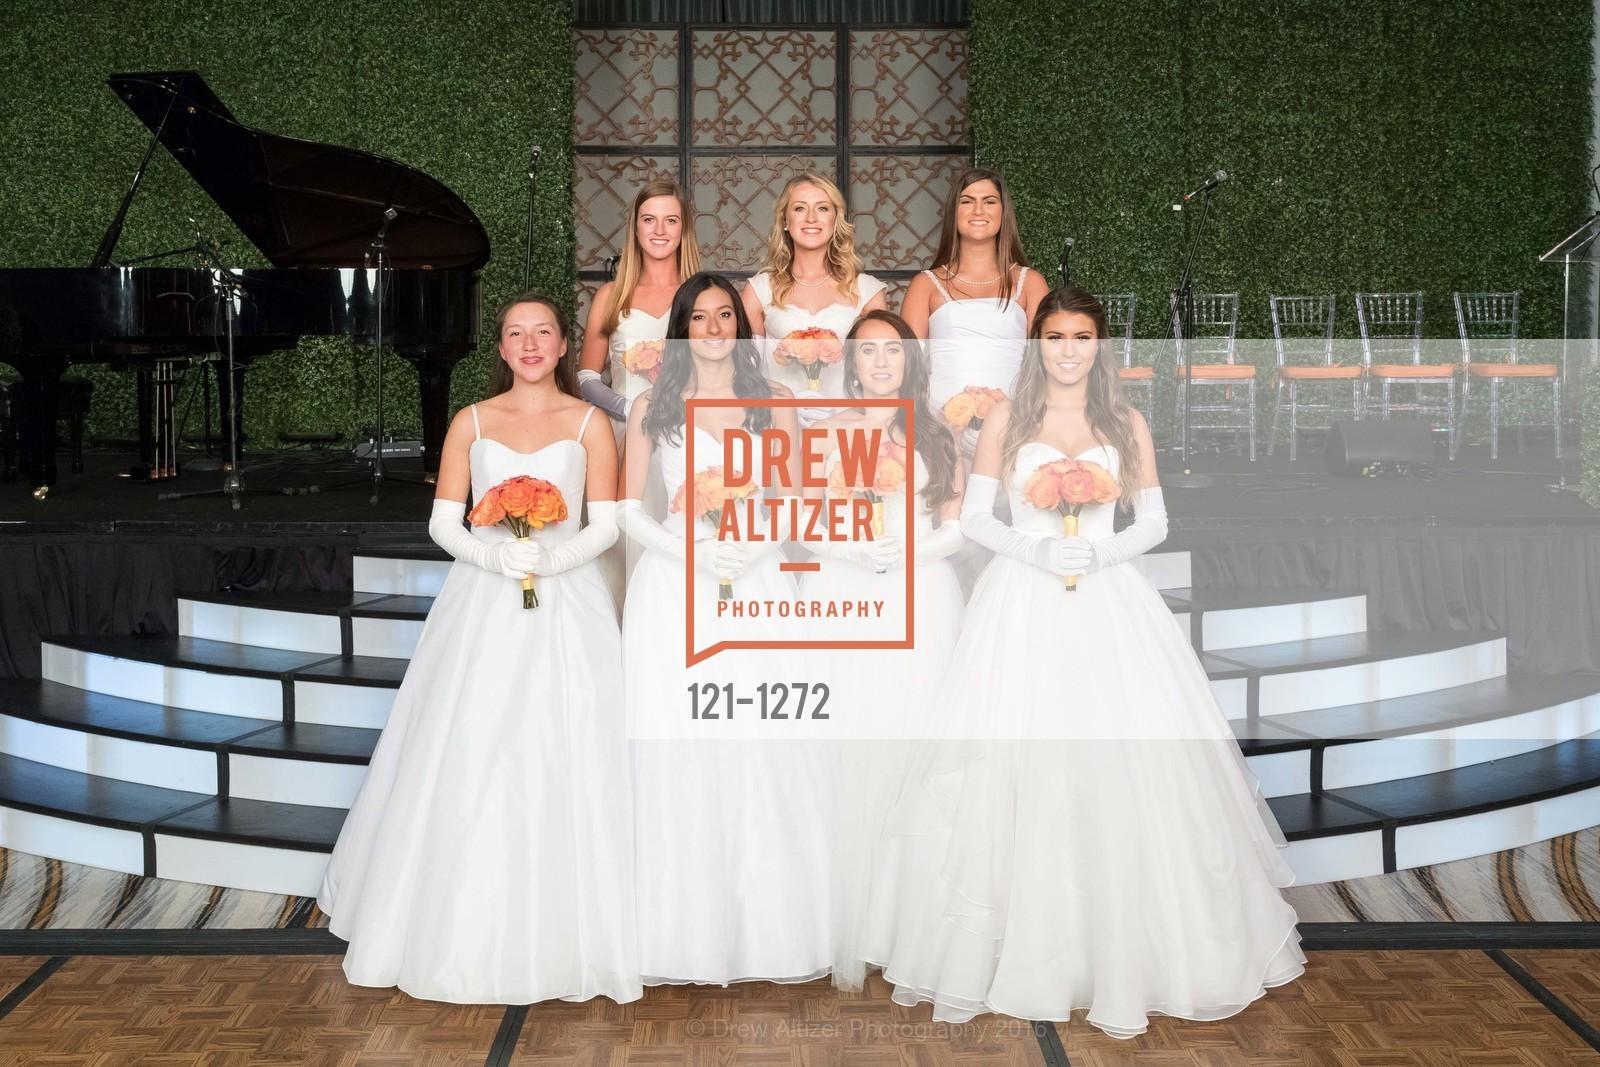 Lucy Morrison, Isabella Giannini, Sophie Hadfield, Shala Monet Weir, Samantha Klingelhofer, Miranda Schwartz, Photo #121-1272